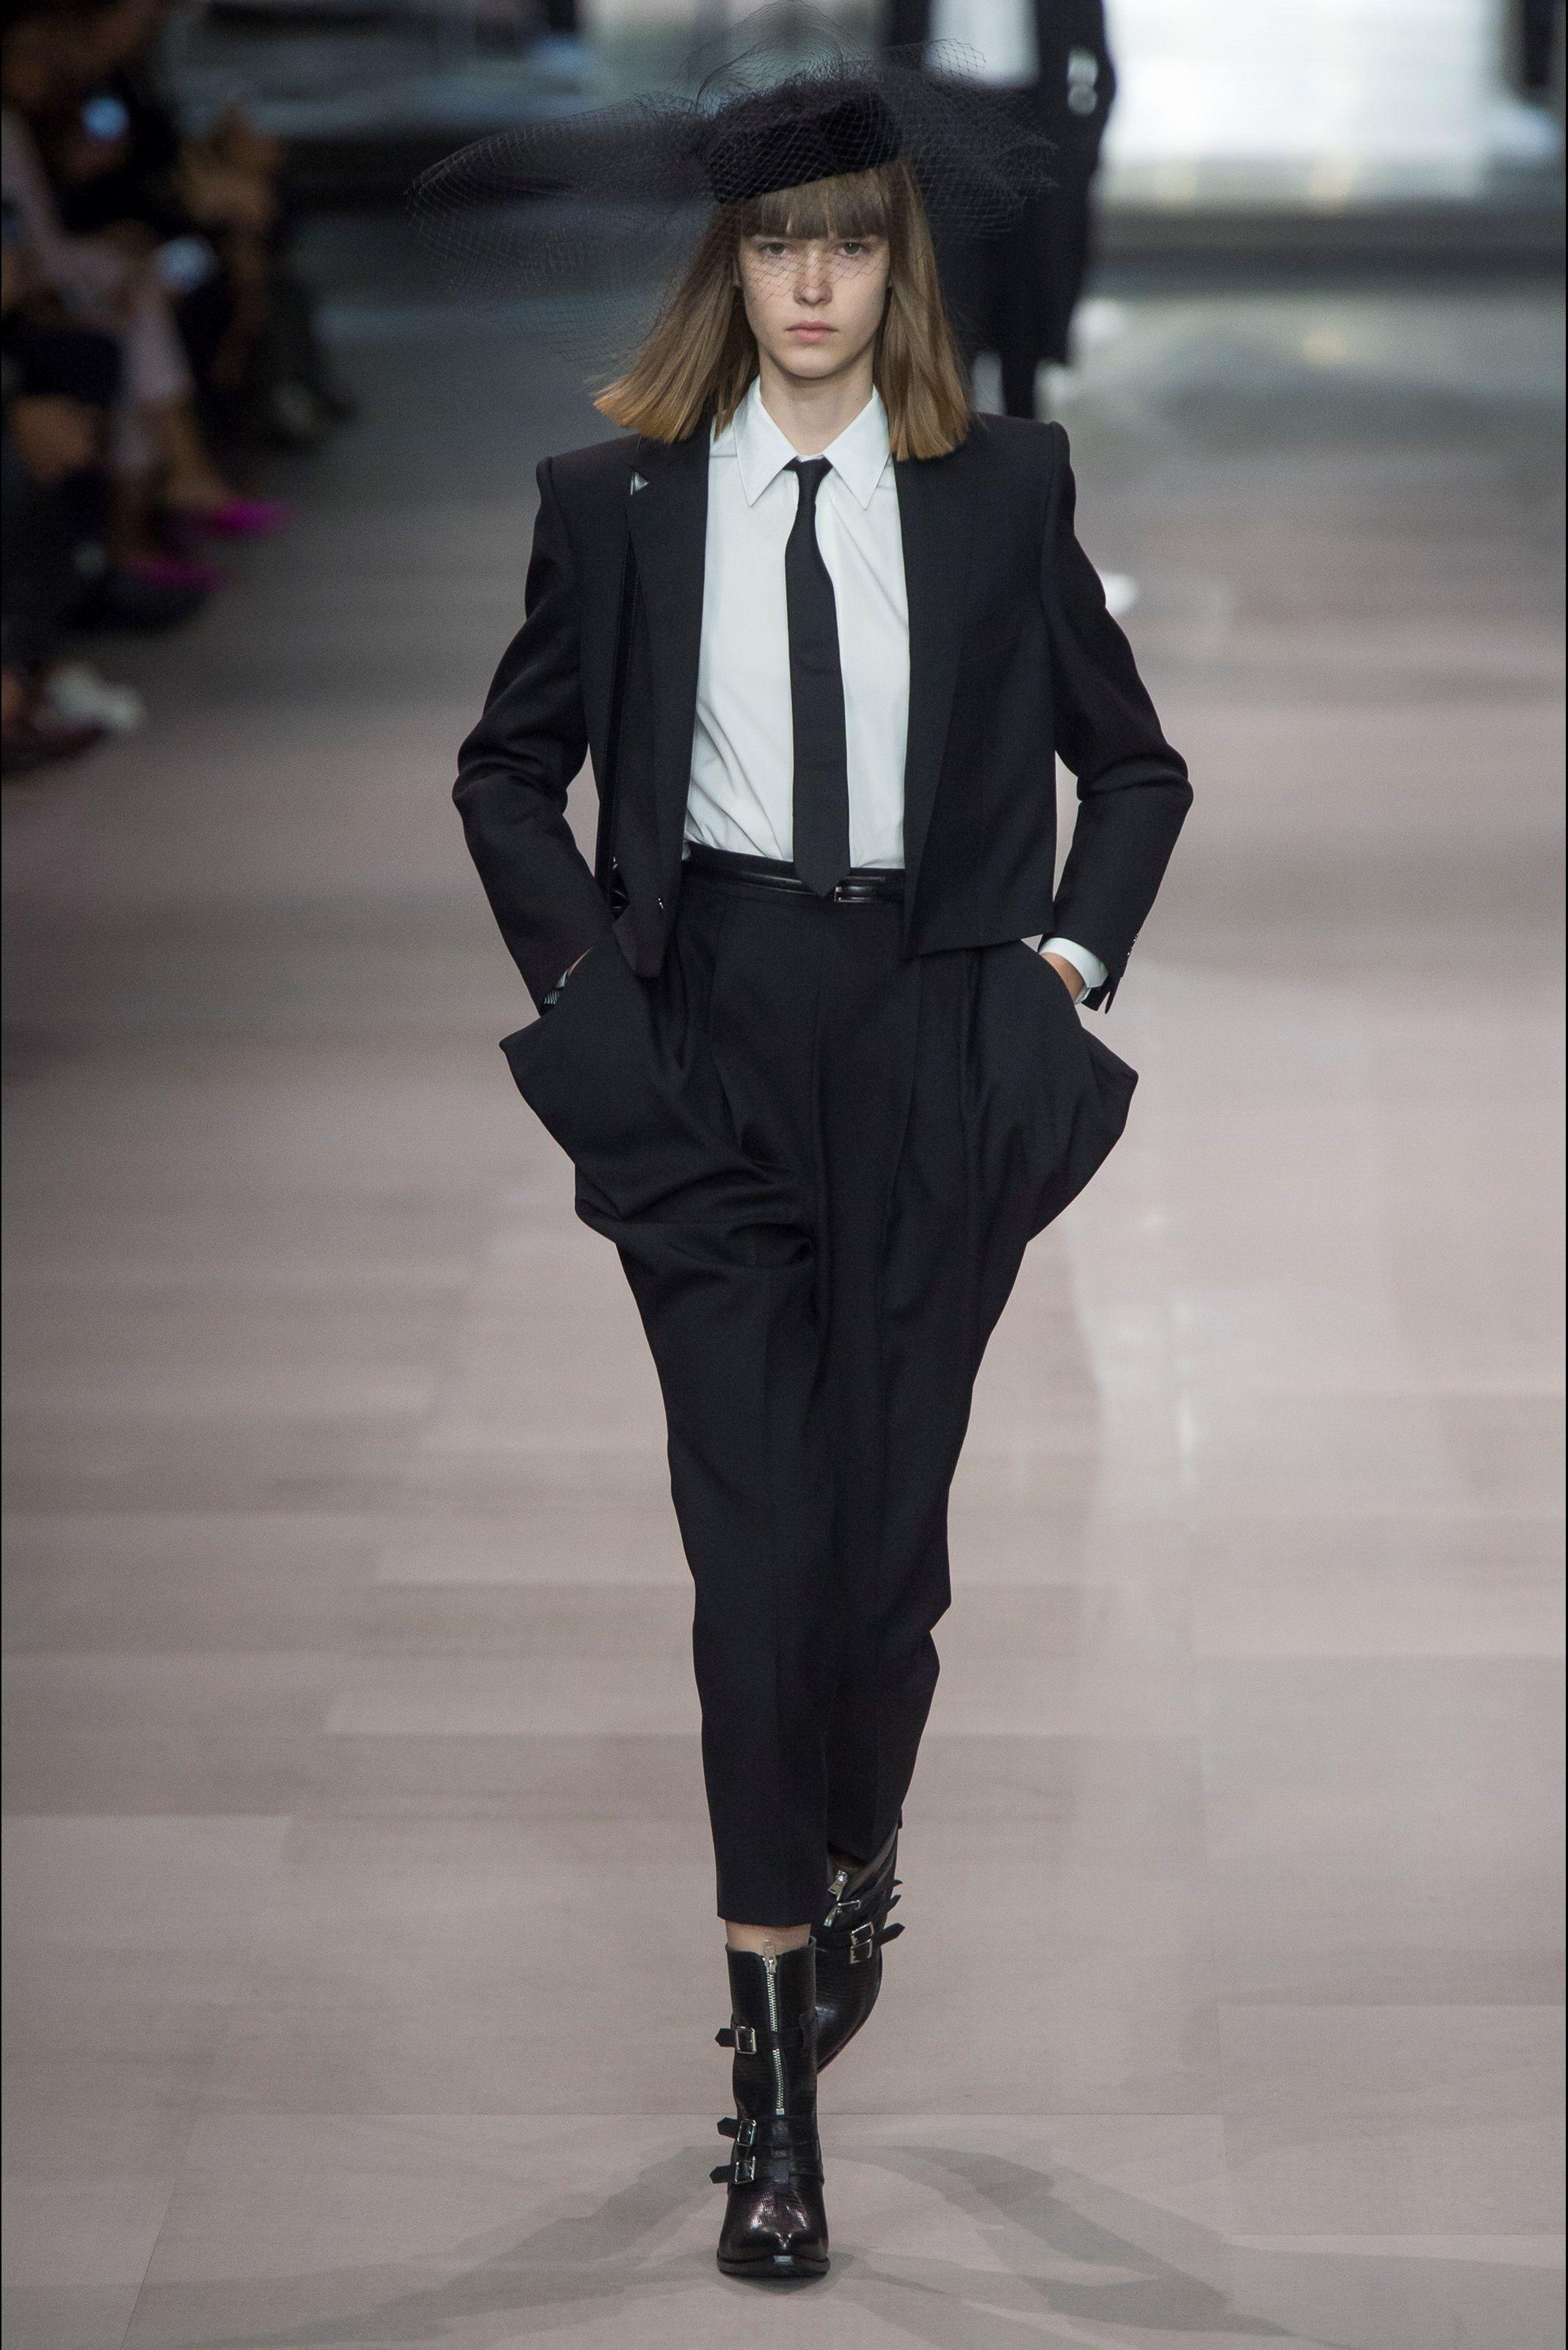 97d9ef7c0824 Sfilata Céline Parigi - Collezioni Primavera Estate 2019 - Vogue ...